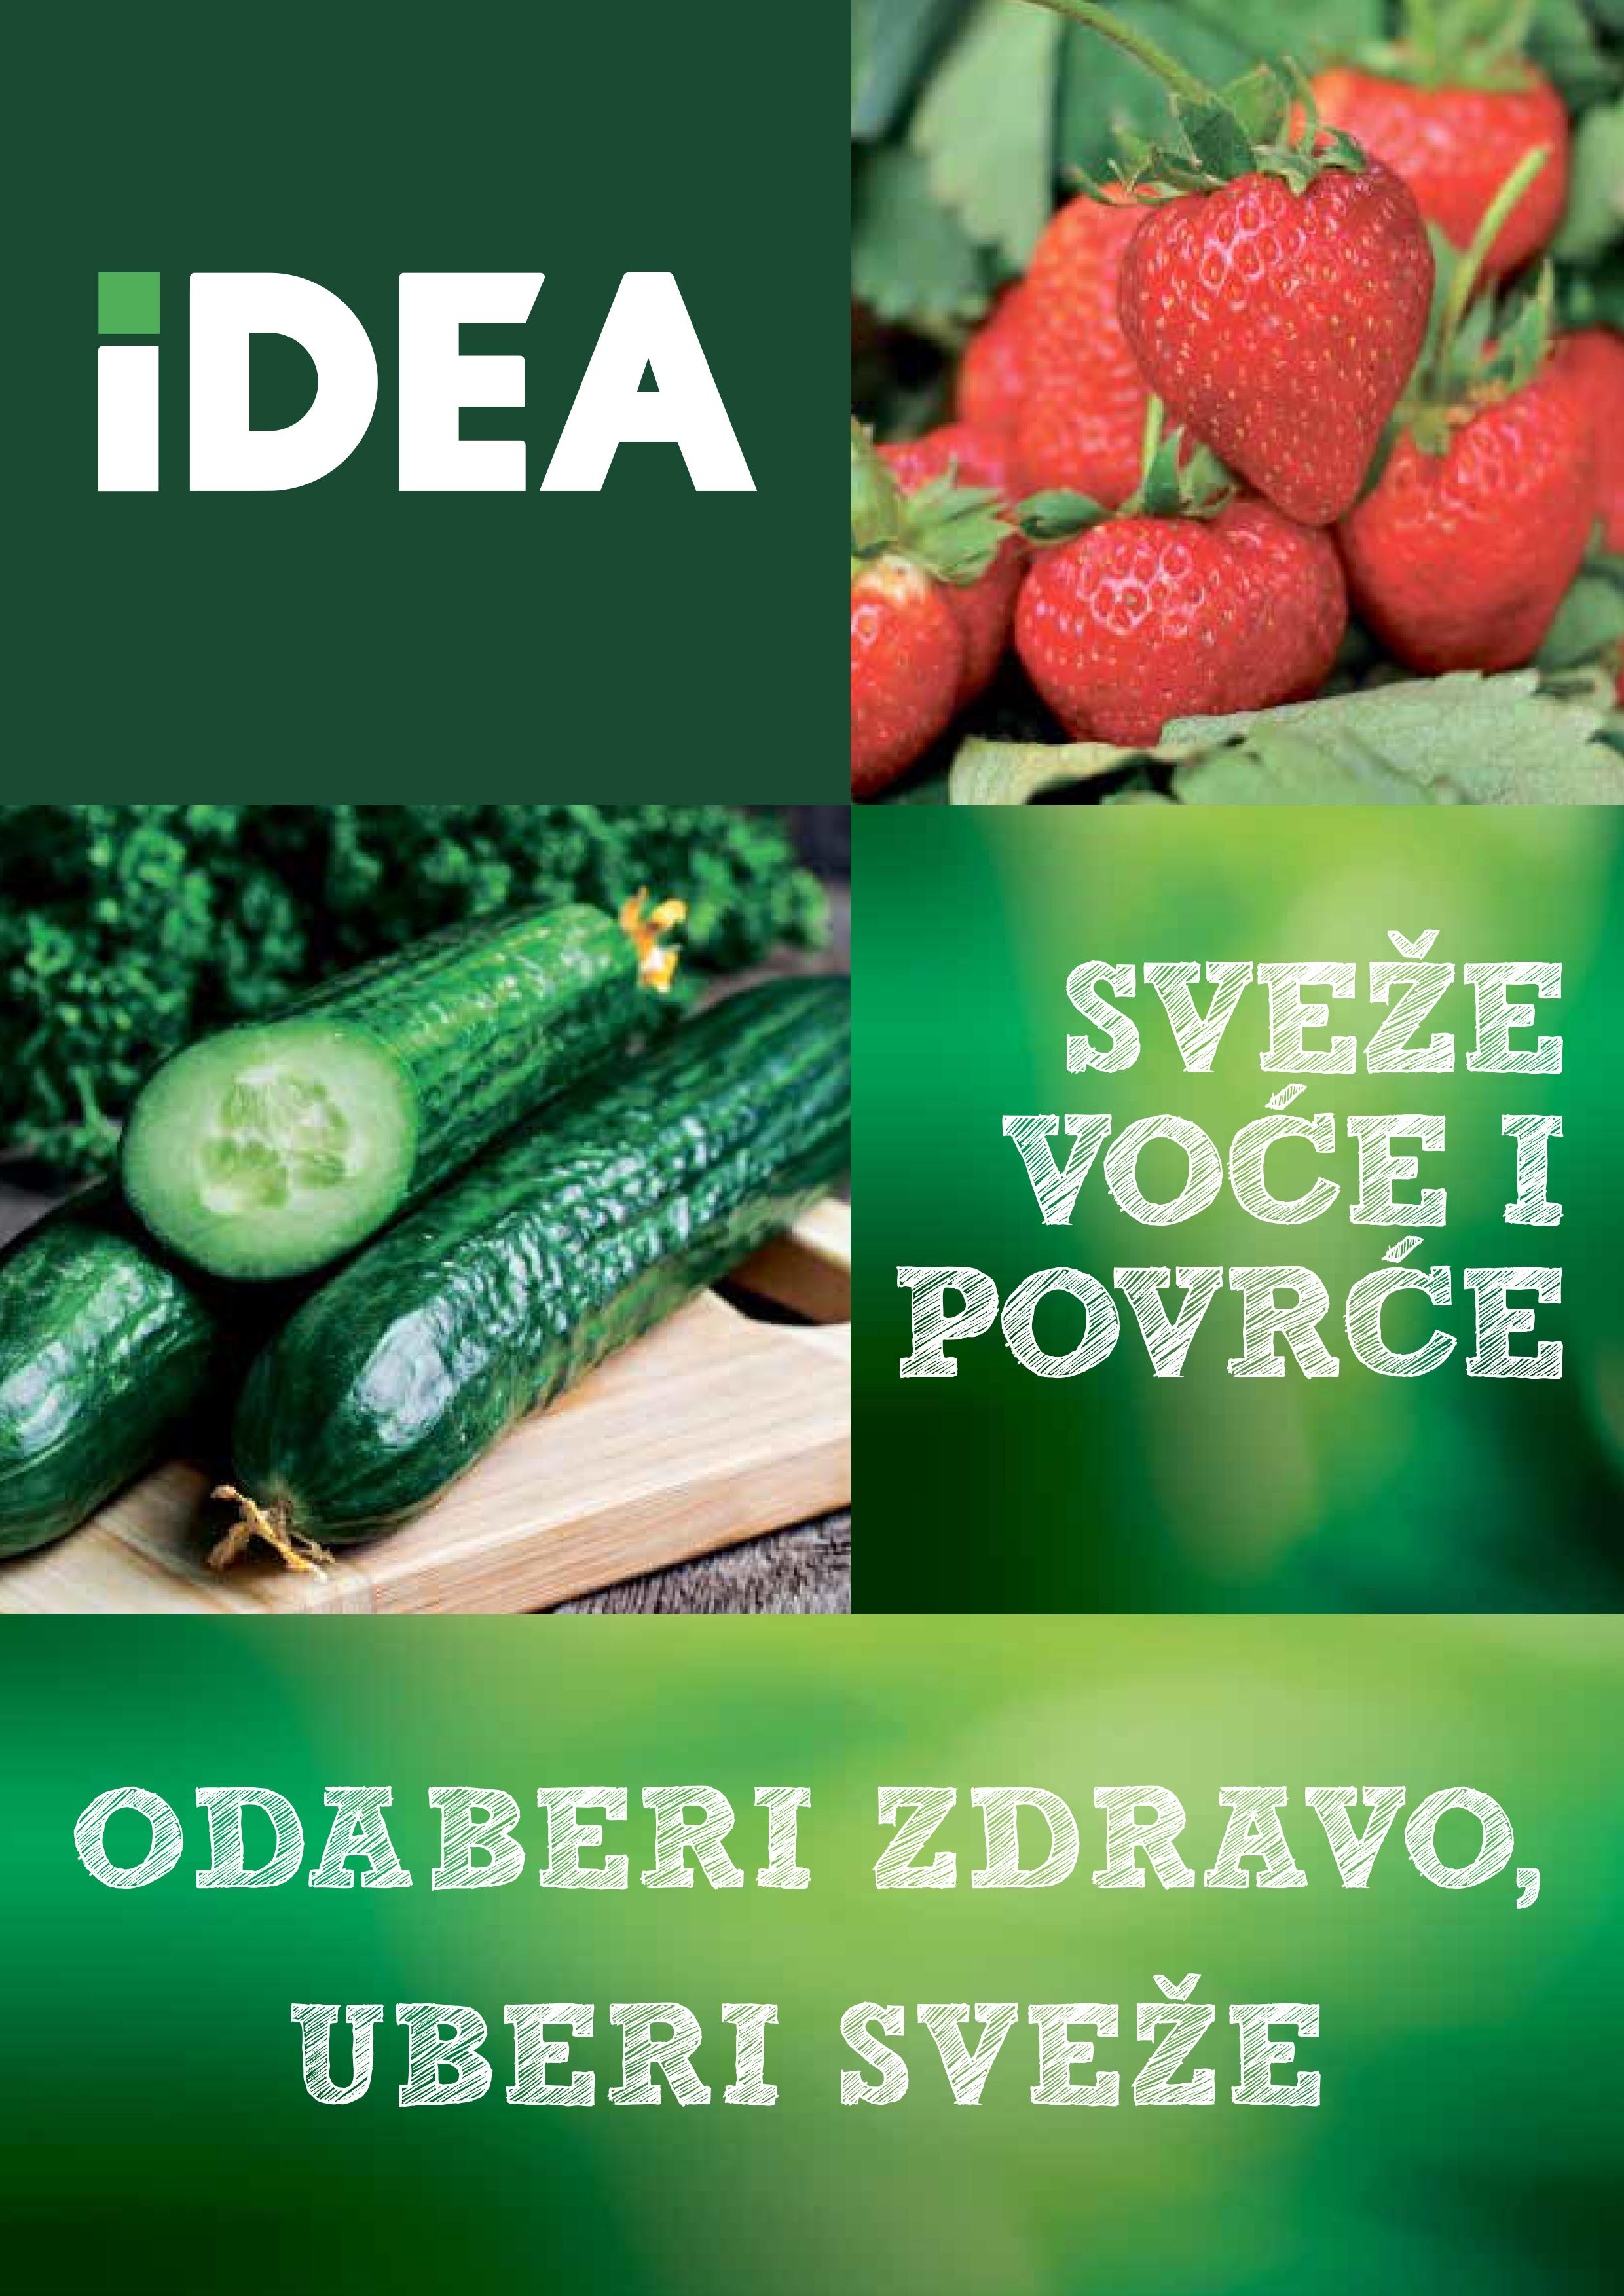 IDEA Odaberi zdravo uberi sveže 1 Započni dan zdravim i svežim obrokom!